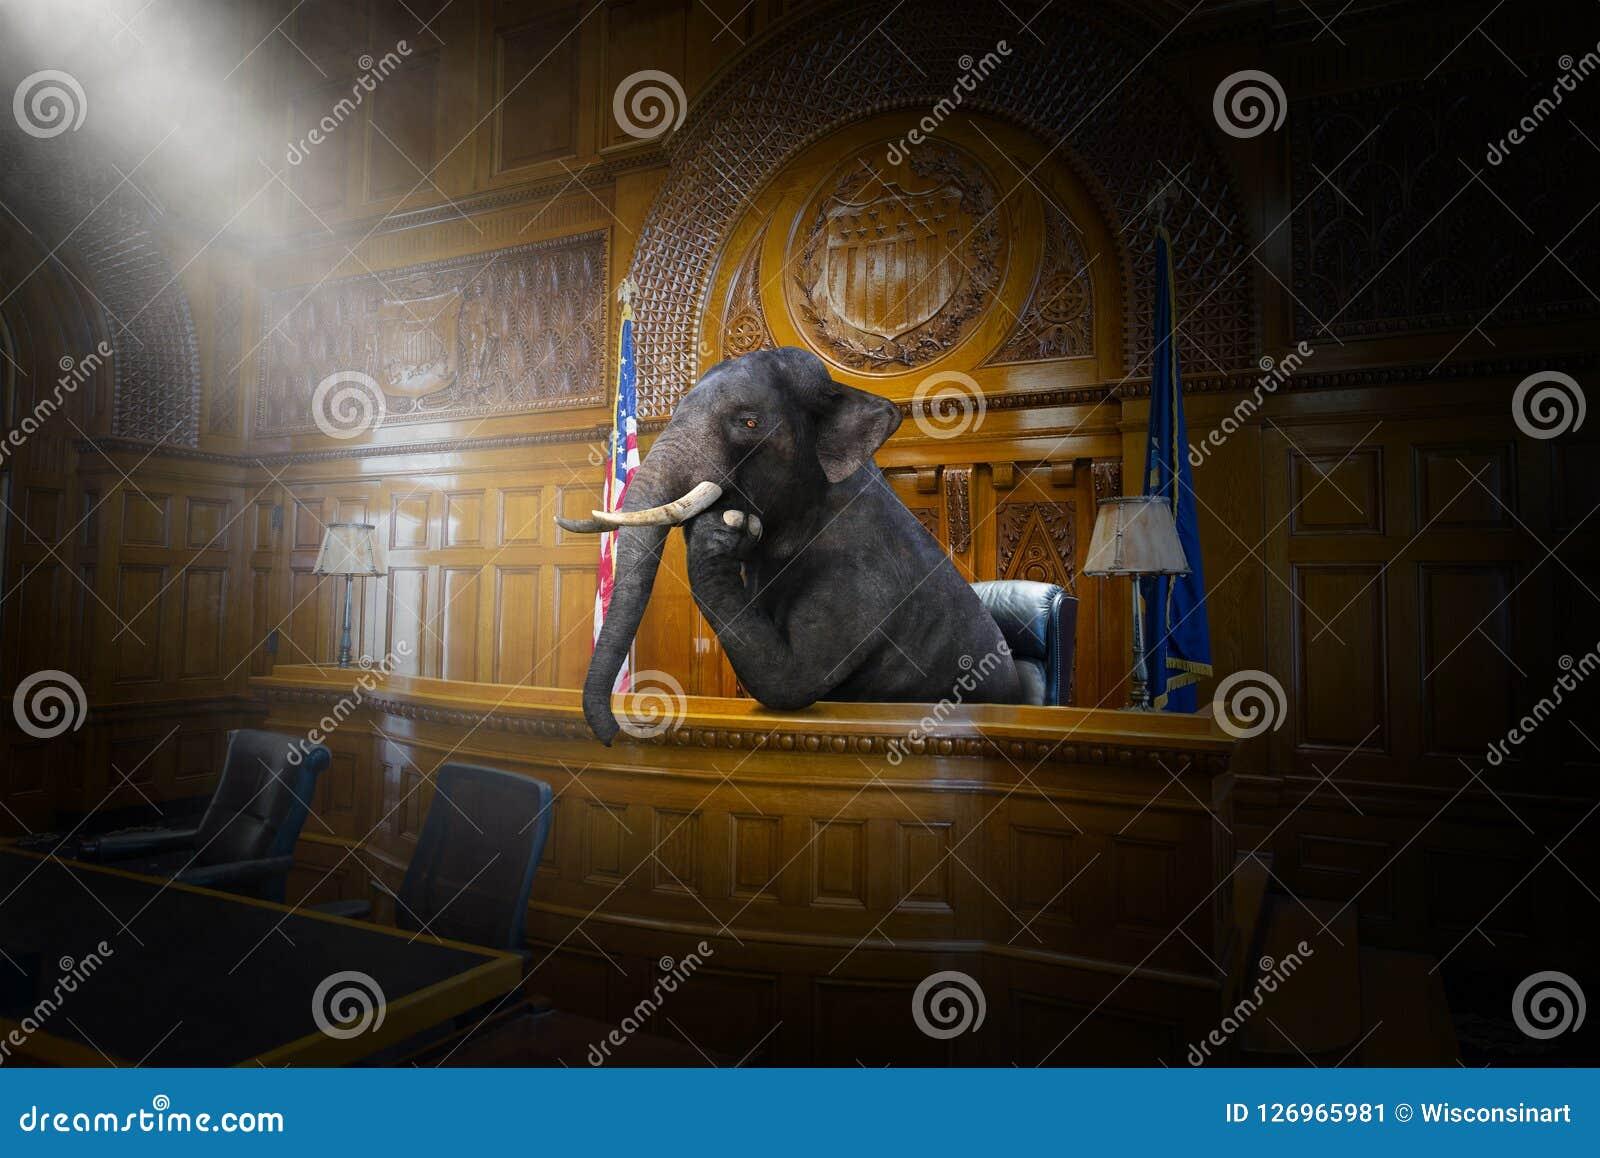 Grappige Surreal Olifantsrechter, Advocaat, Rechtszaal, Wet